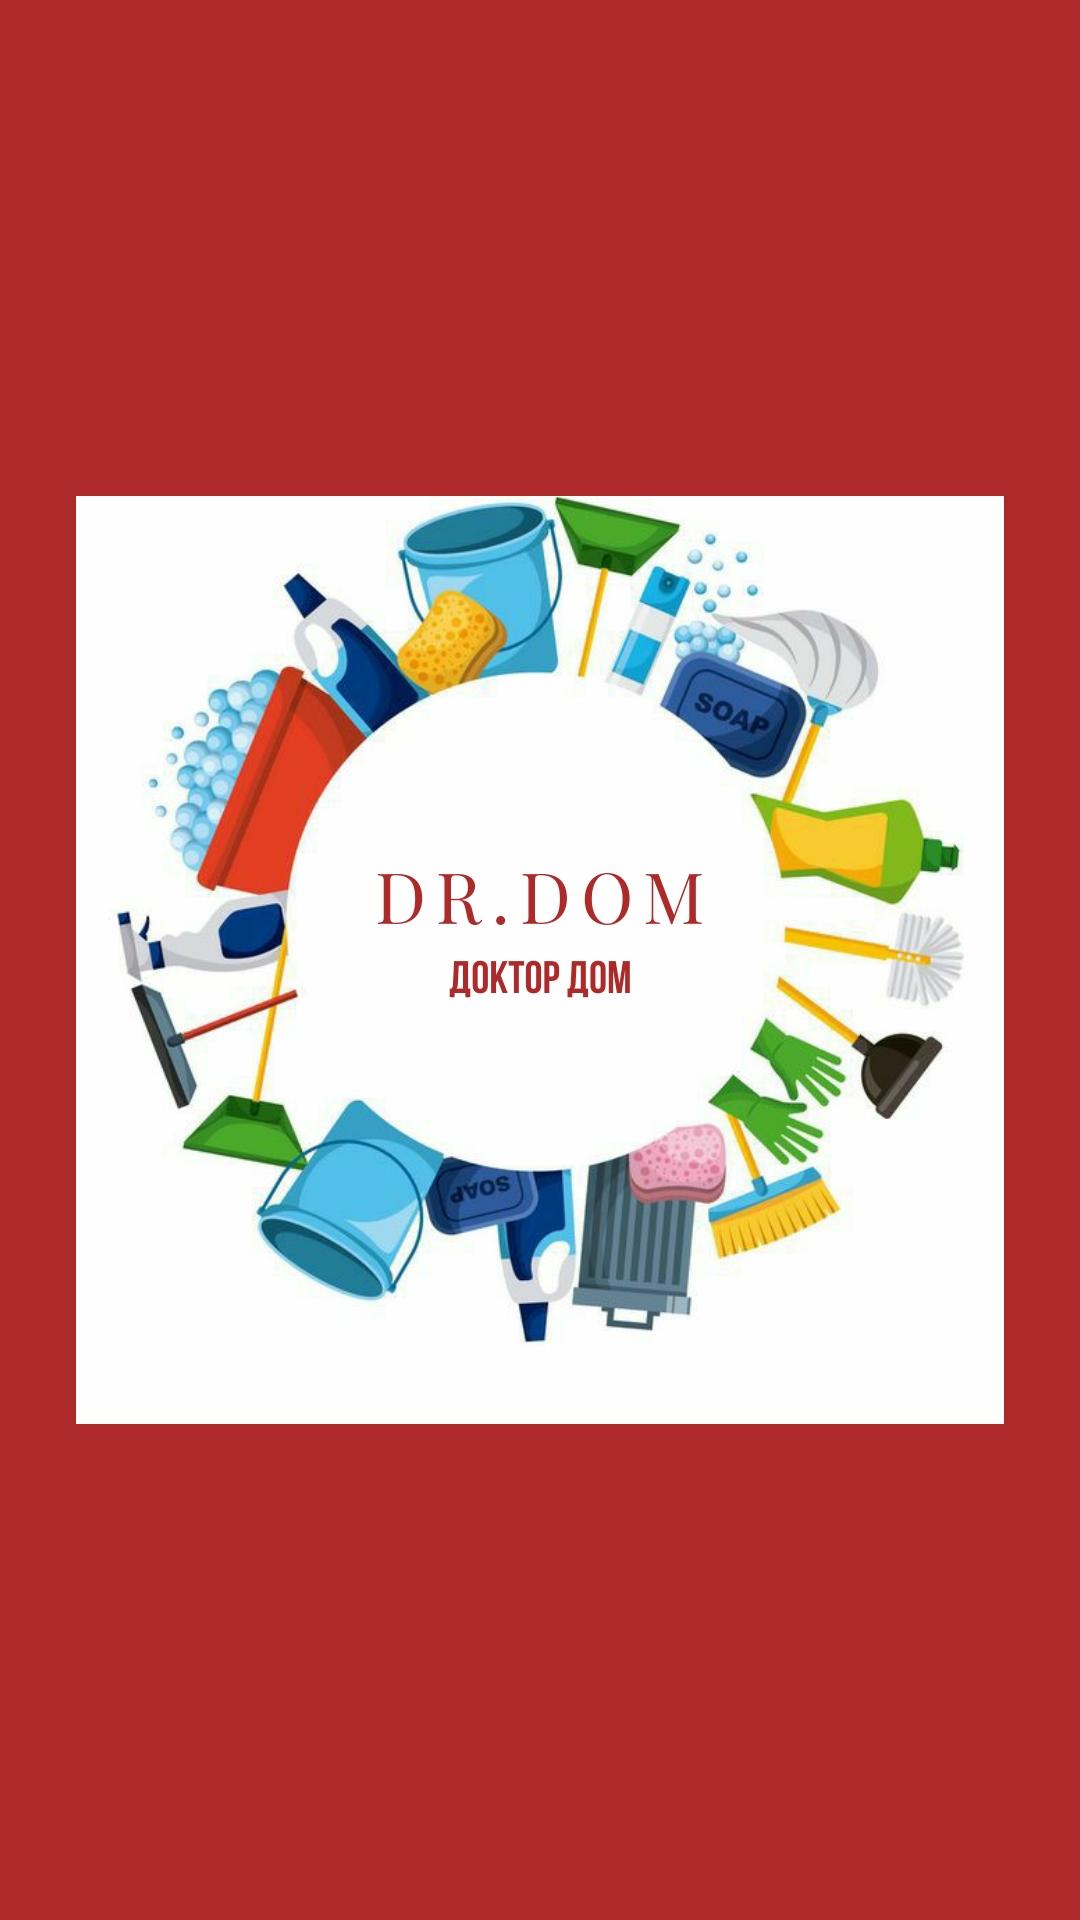 Разработать логотип для сети магазинов бытовой химии и товаров для уборки фото f_84260043f73b92f7.jpg